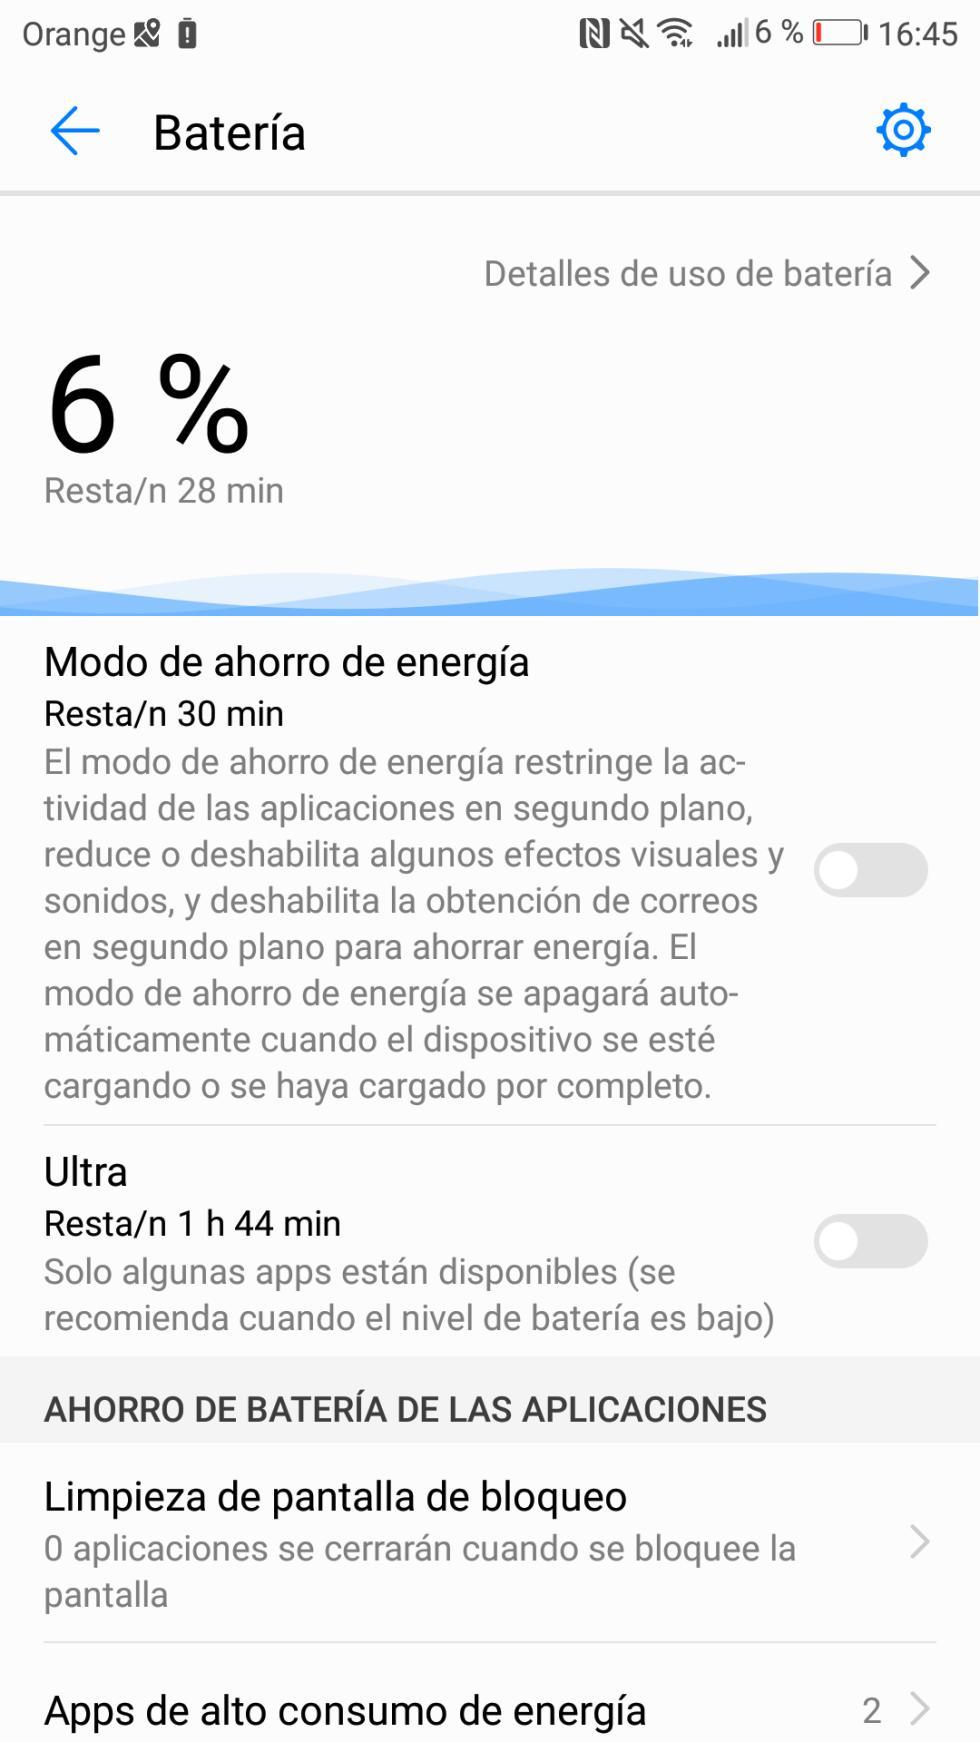 Batería del Huawei P10: consumo, autonomía y opciones de ahorro